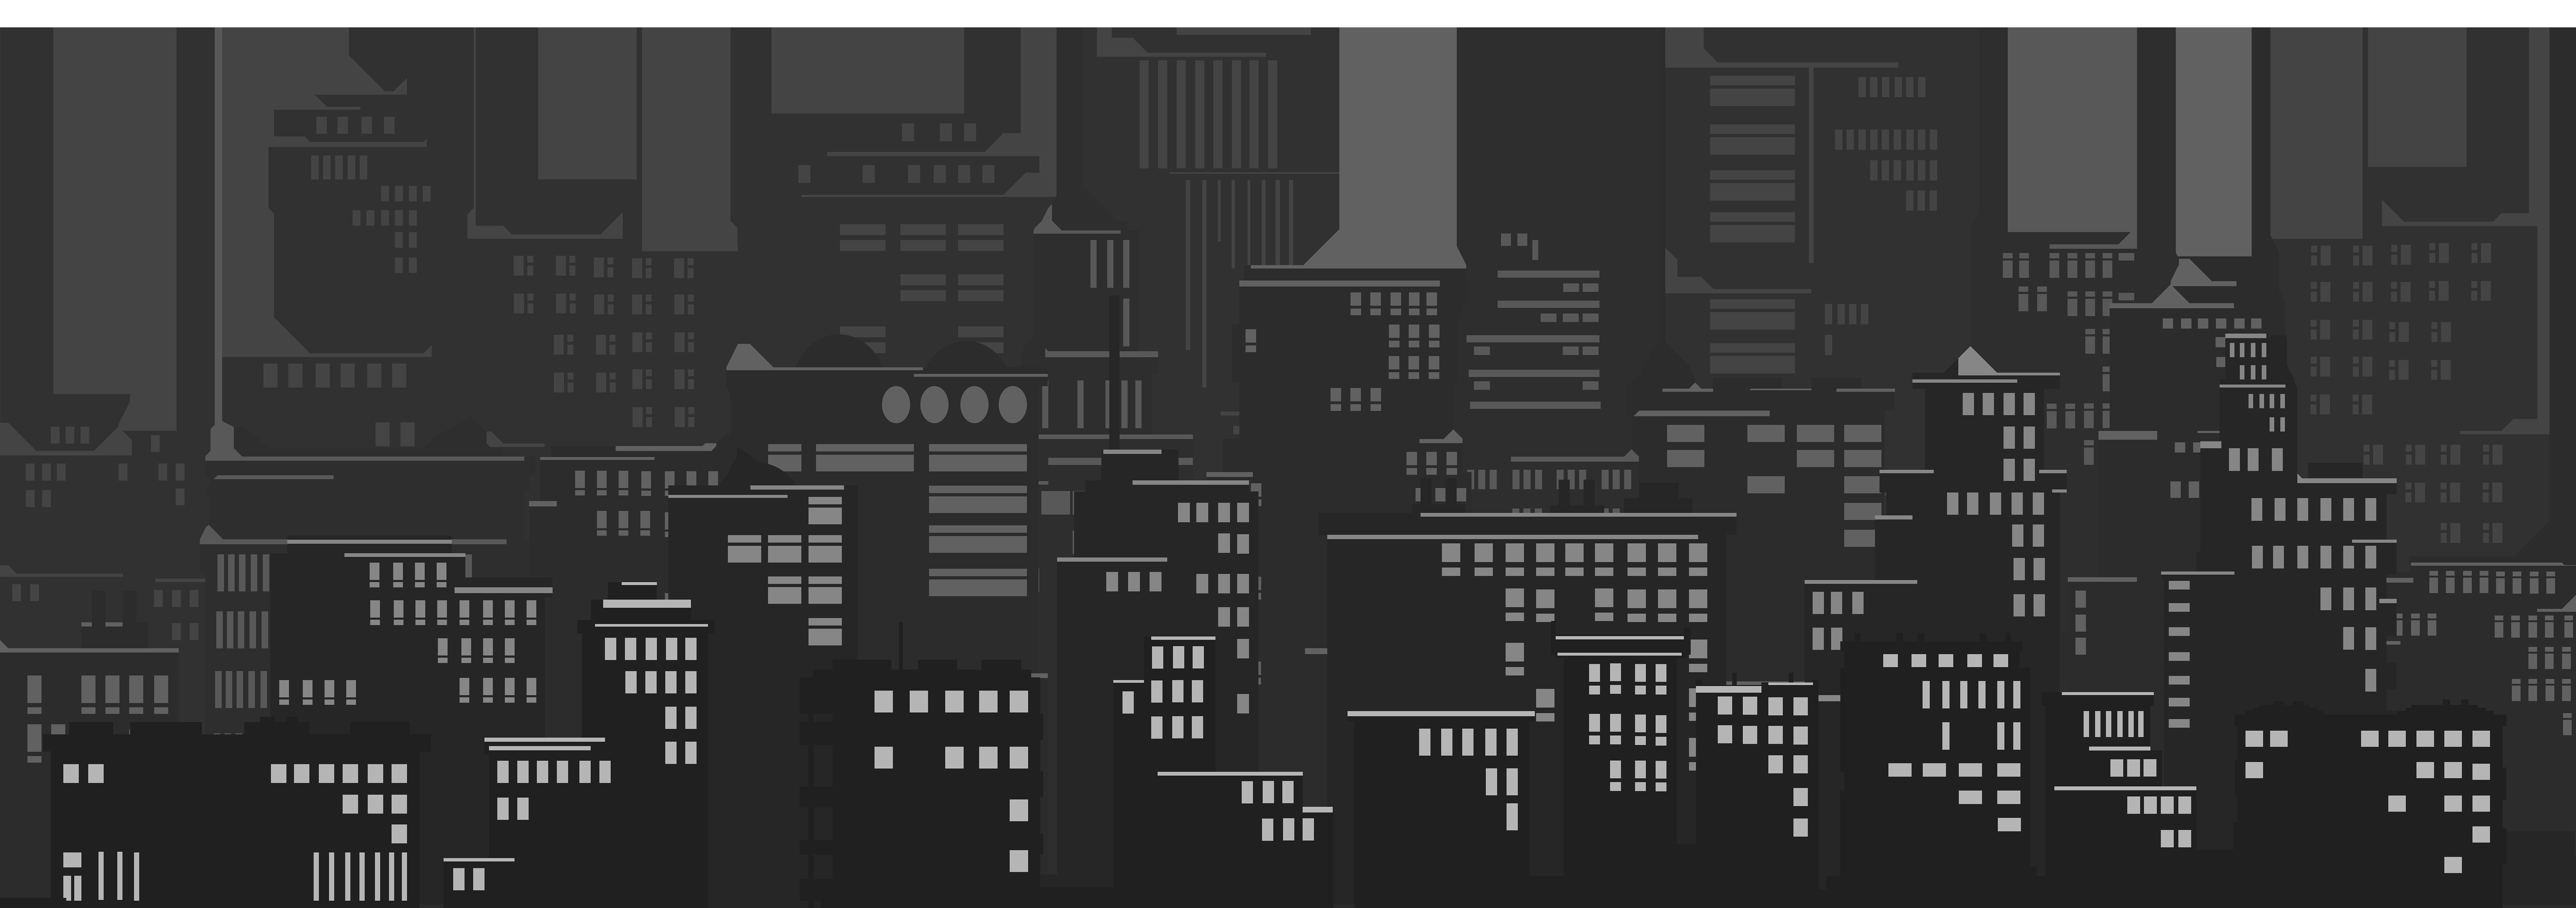 Cityscape Silhouette Clip Art Image.